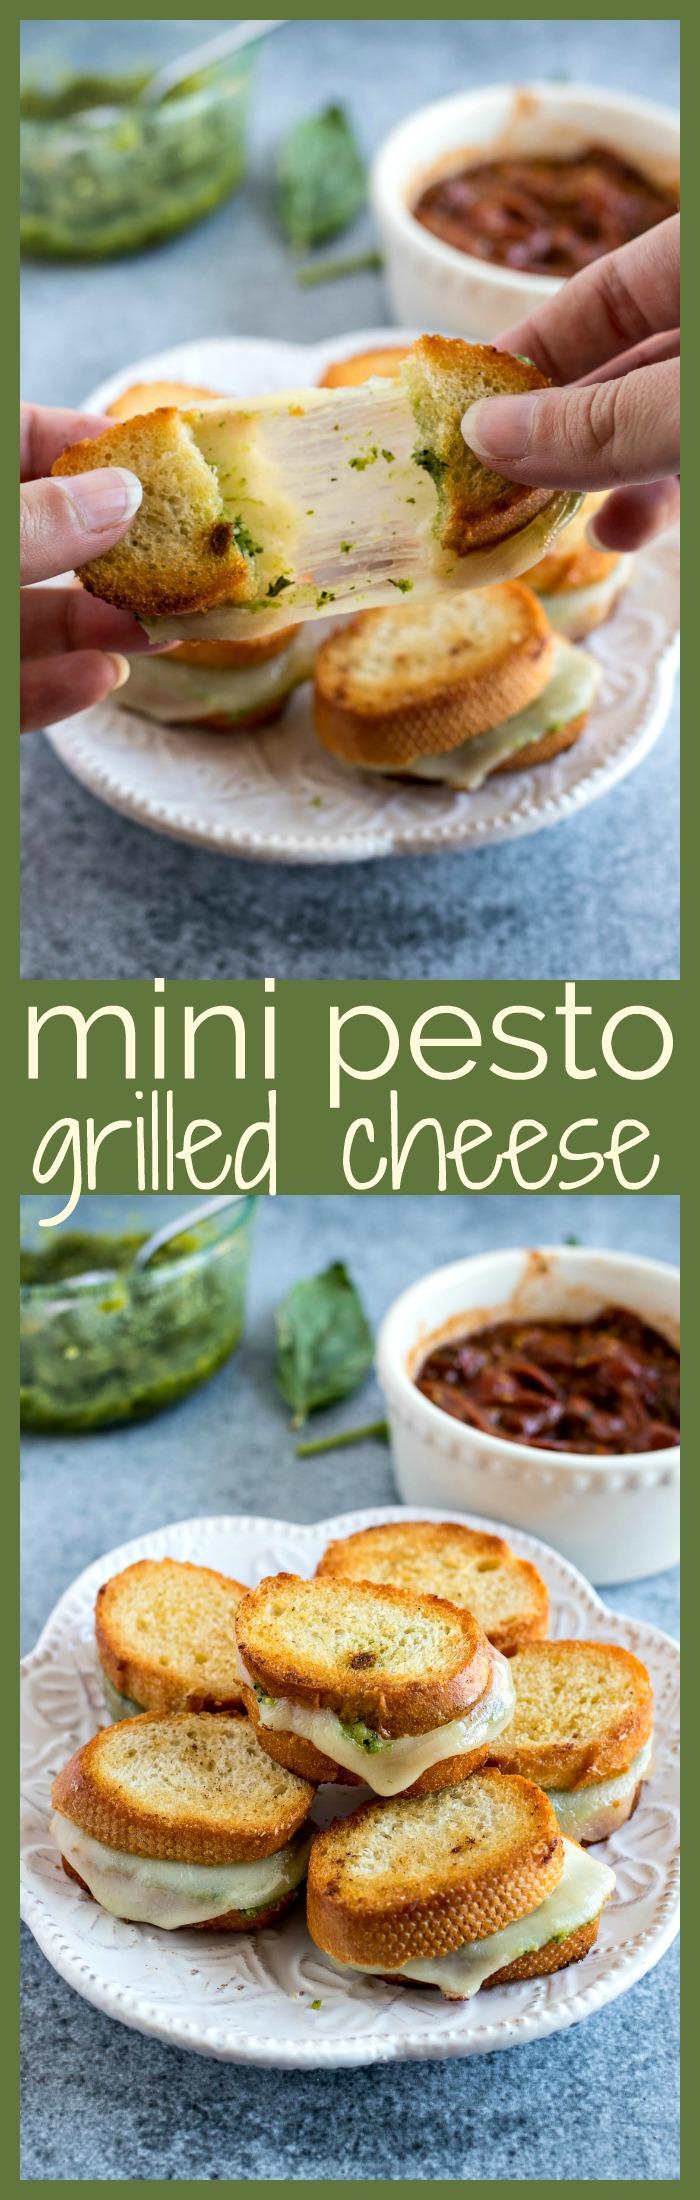 Mini Pesto Grilled Cheese photo collage